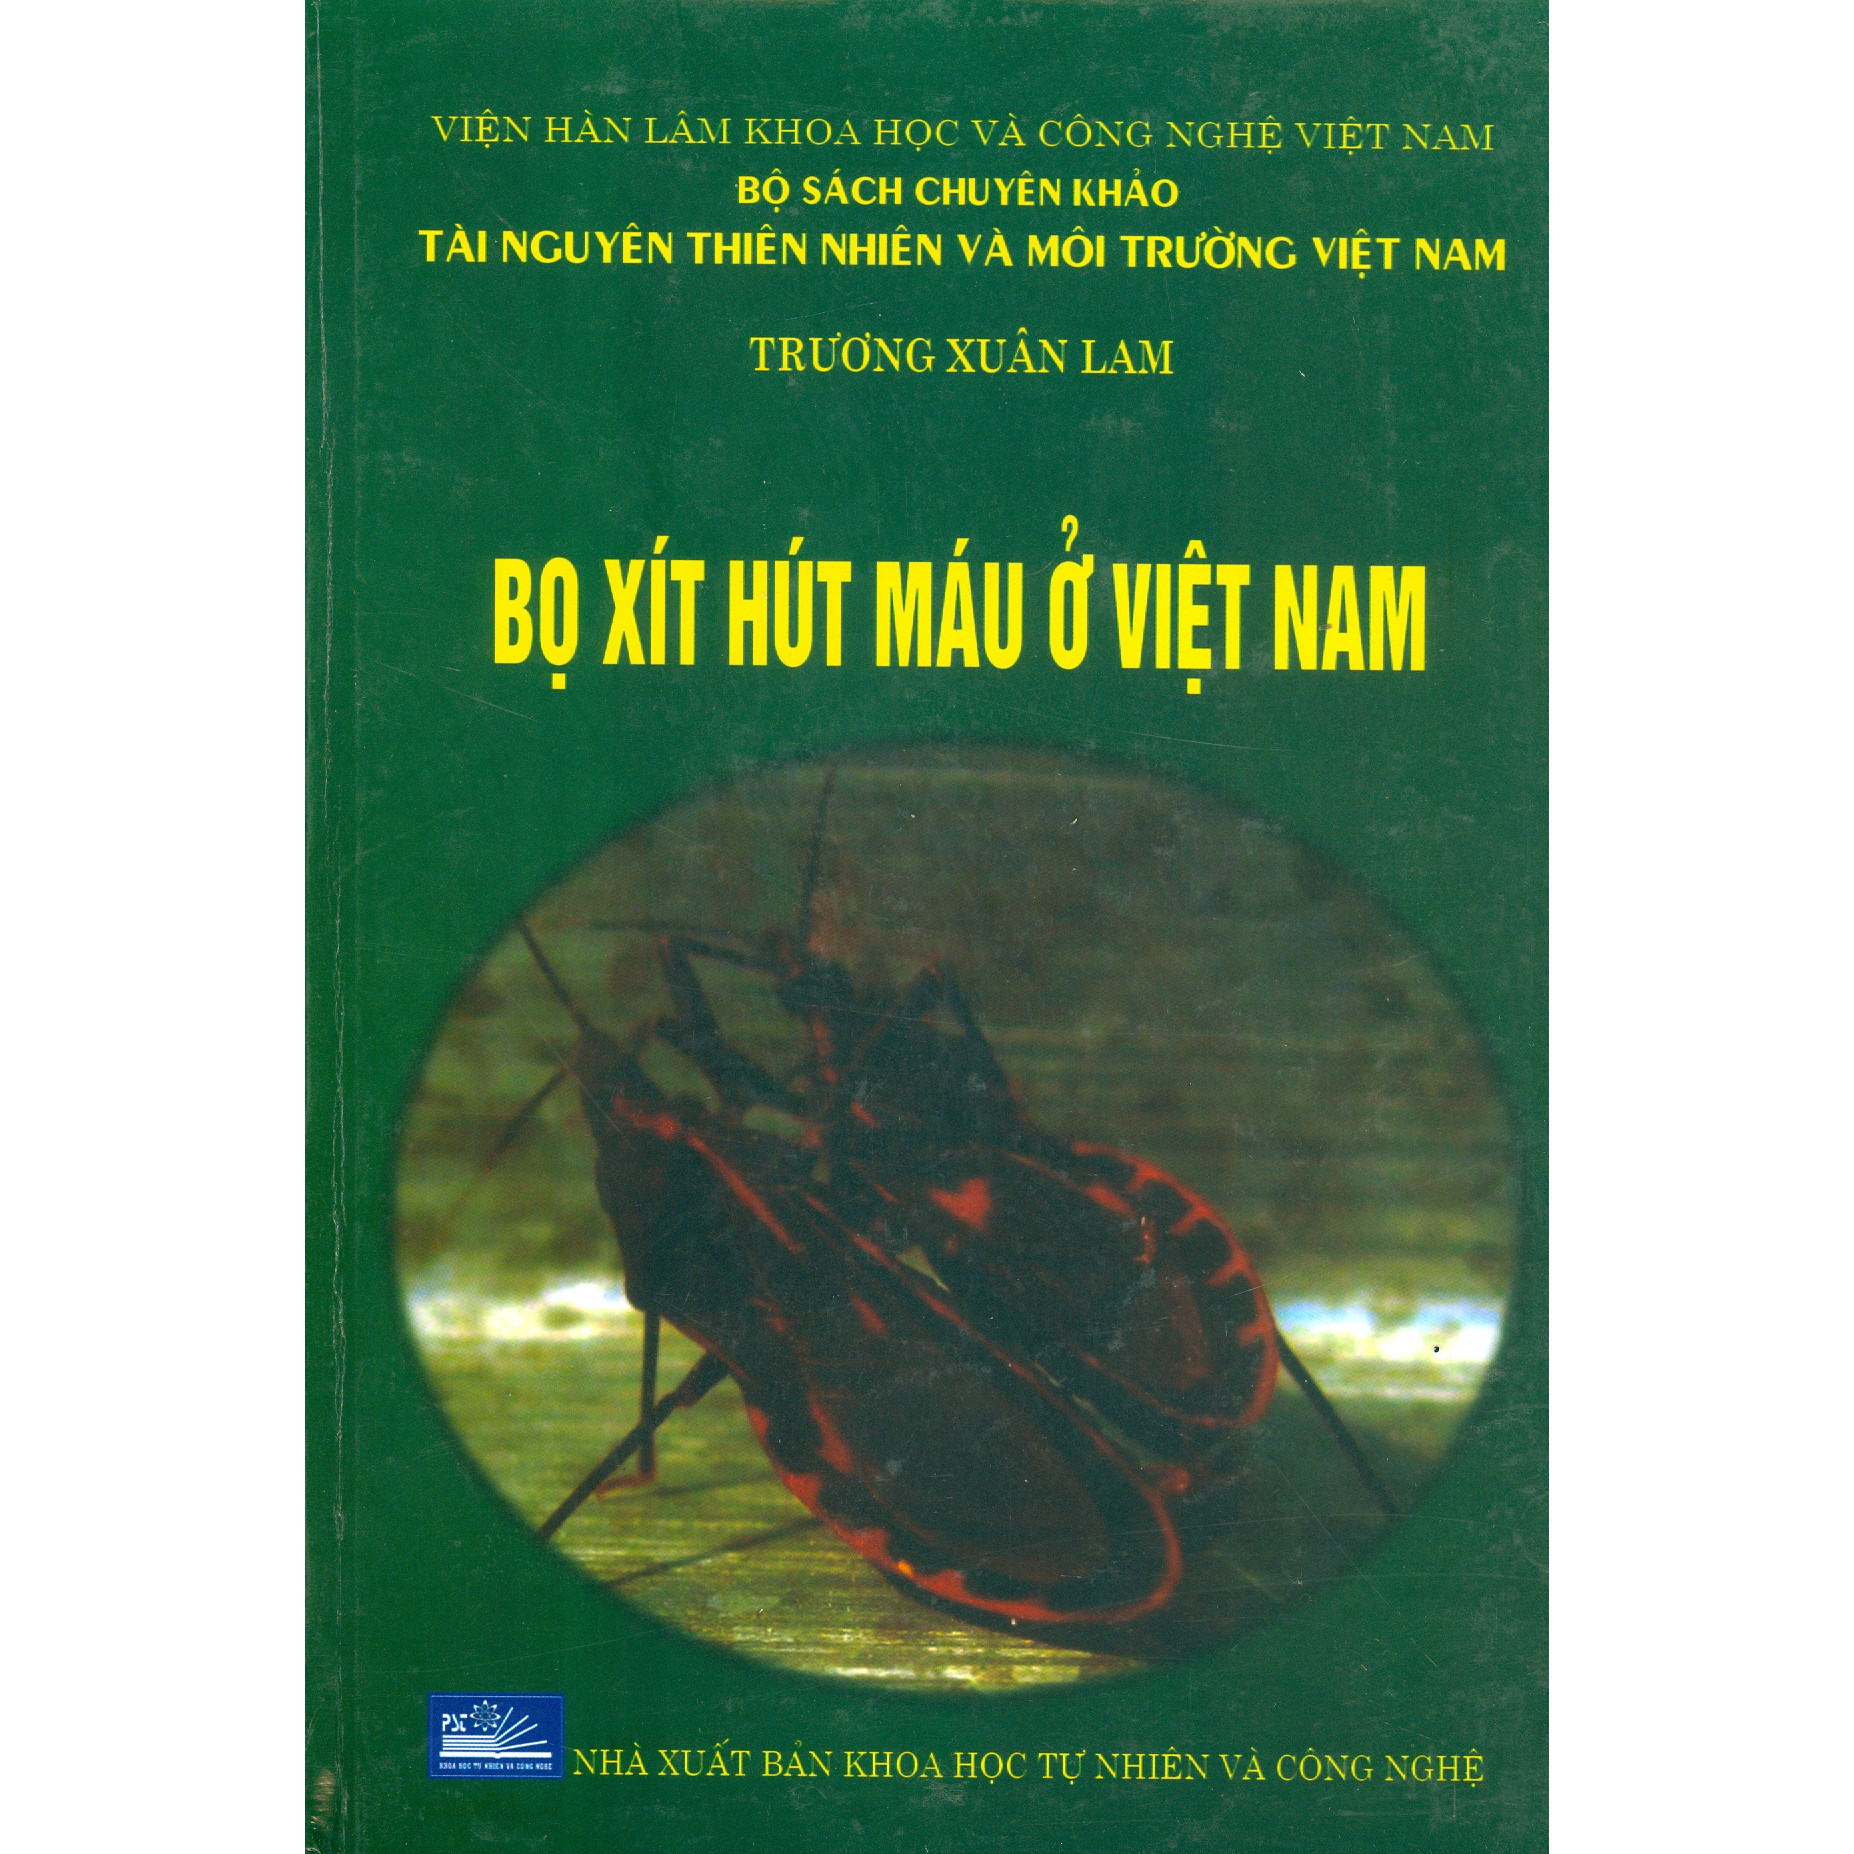 Bọ Xít Hút Máu Ở Việt Nam